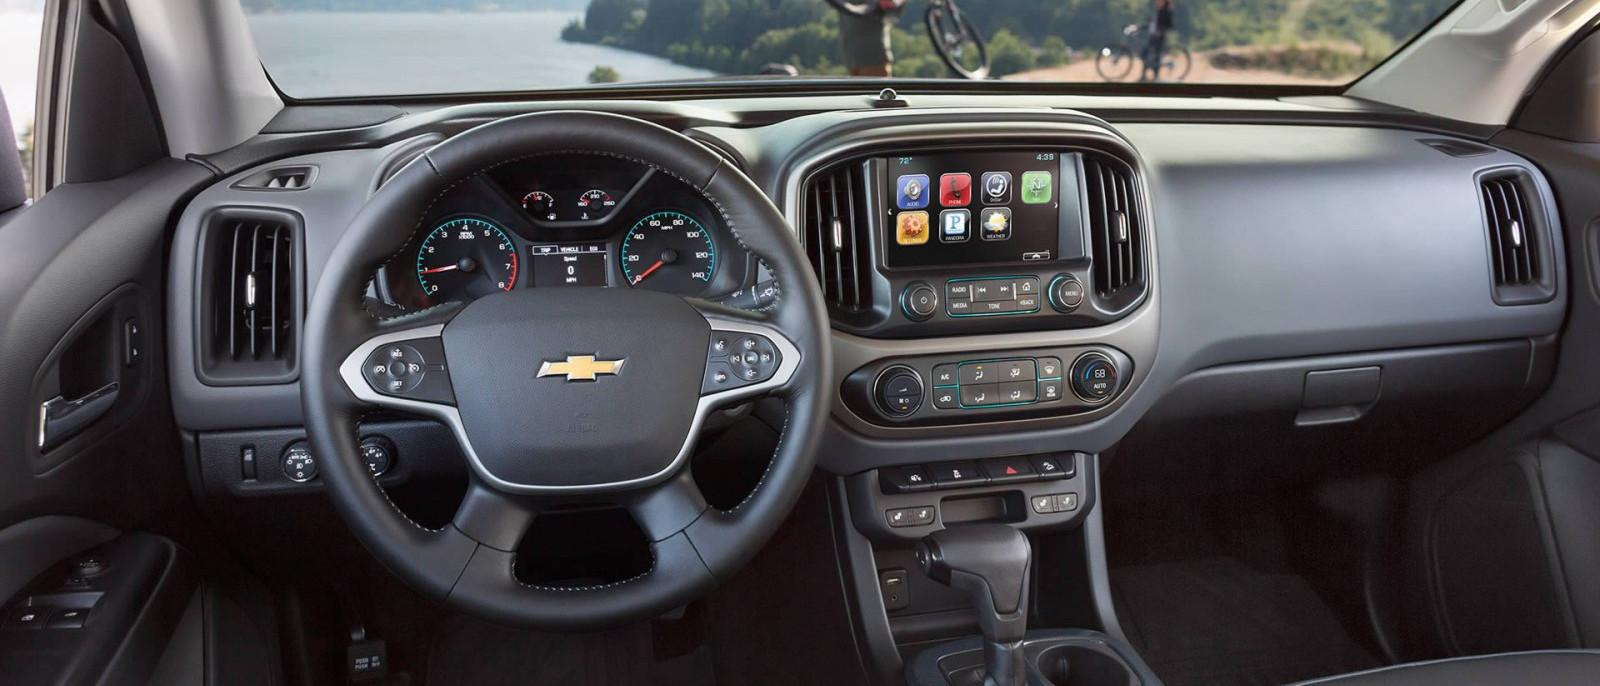 Colorado chevy 2015 colorado : 2015 Chevrolet Colorado Bradenton Tampa | Cox Chevy